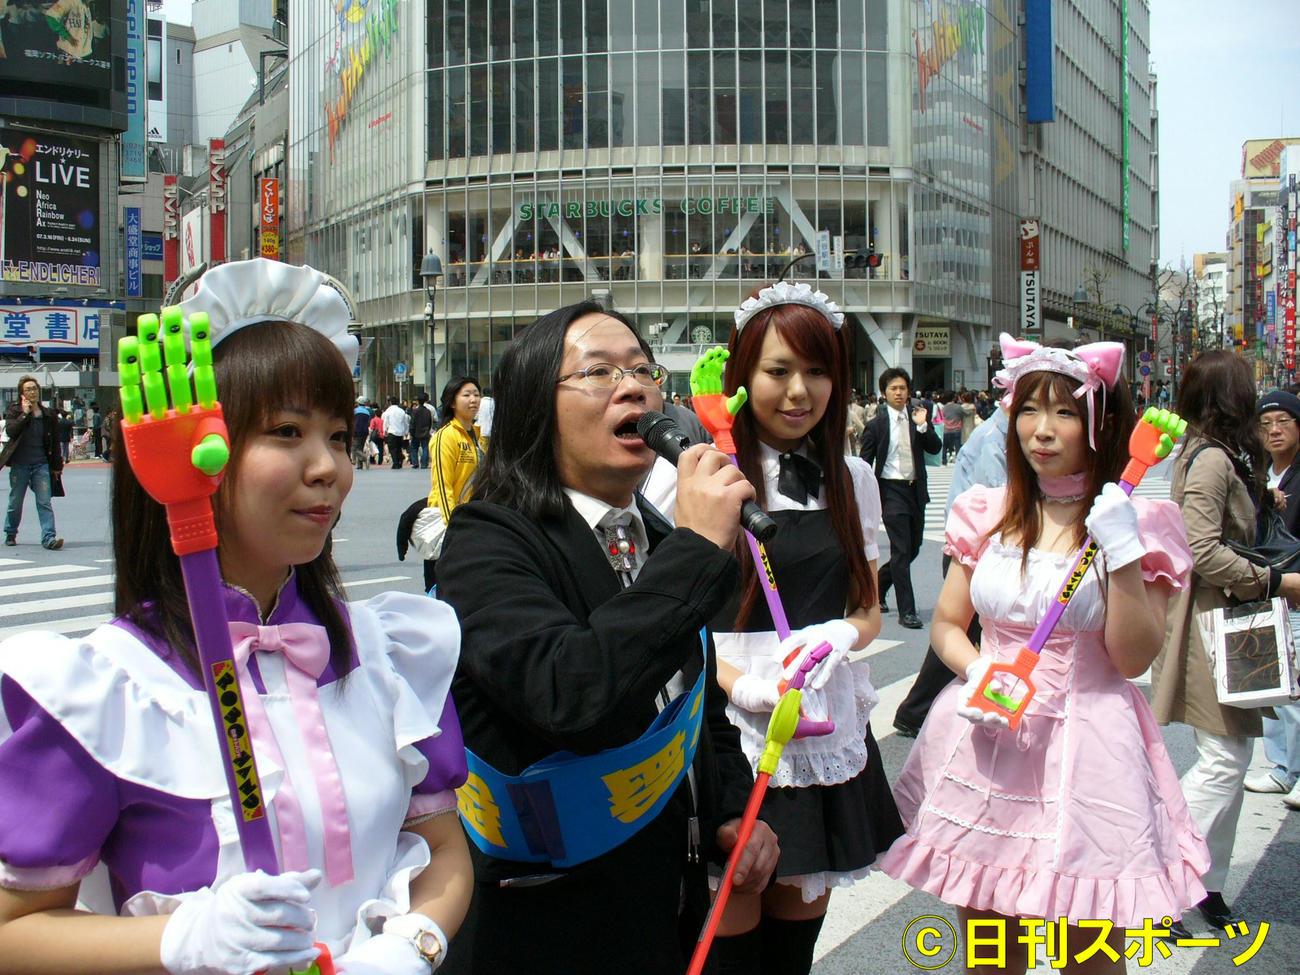 渋谷区長選挙 立候補したおたく評論家の宅八郎氏はマジックハンドを持ちメイド姿の女性らと第一声。(2007年4月15日撮影)